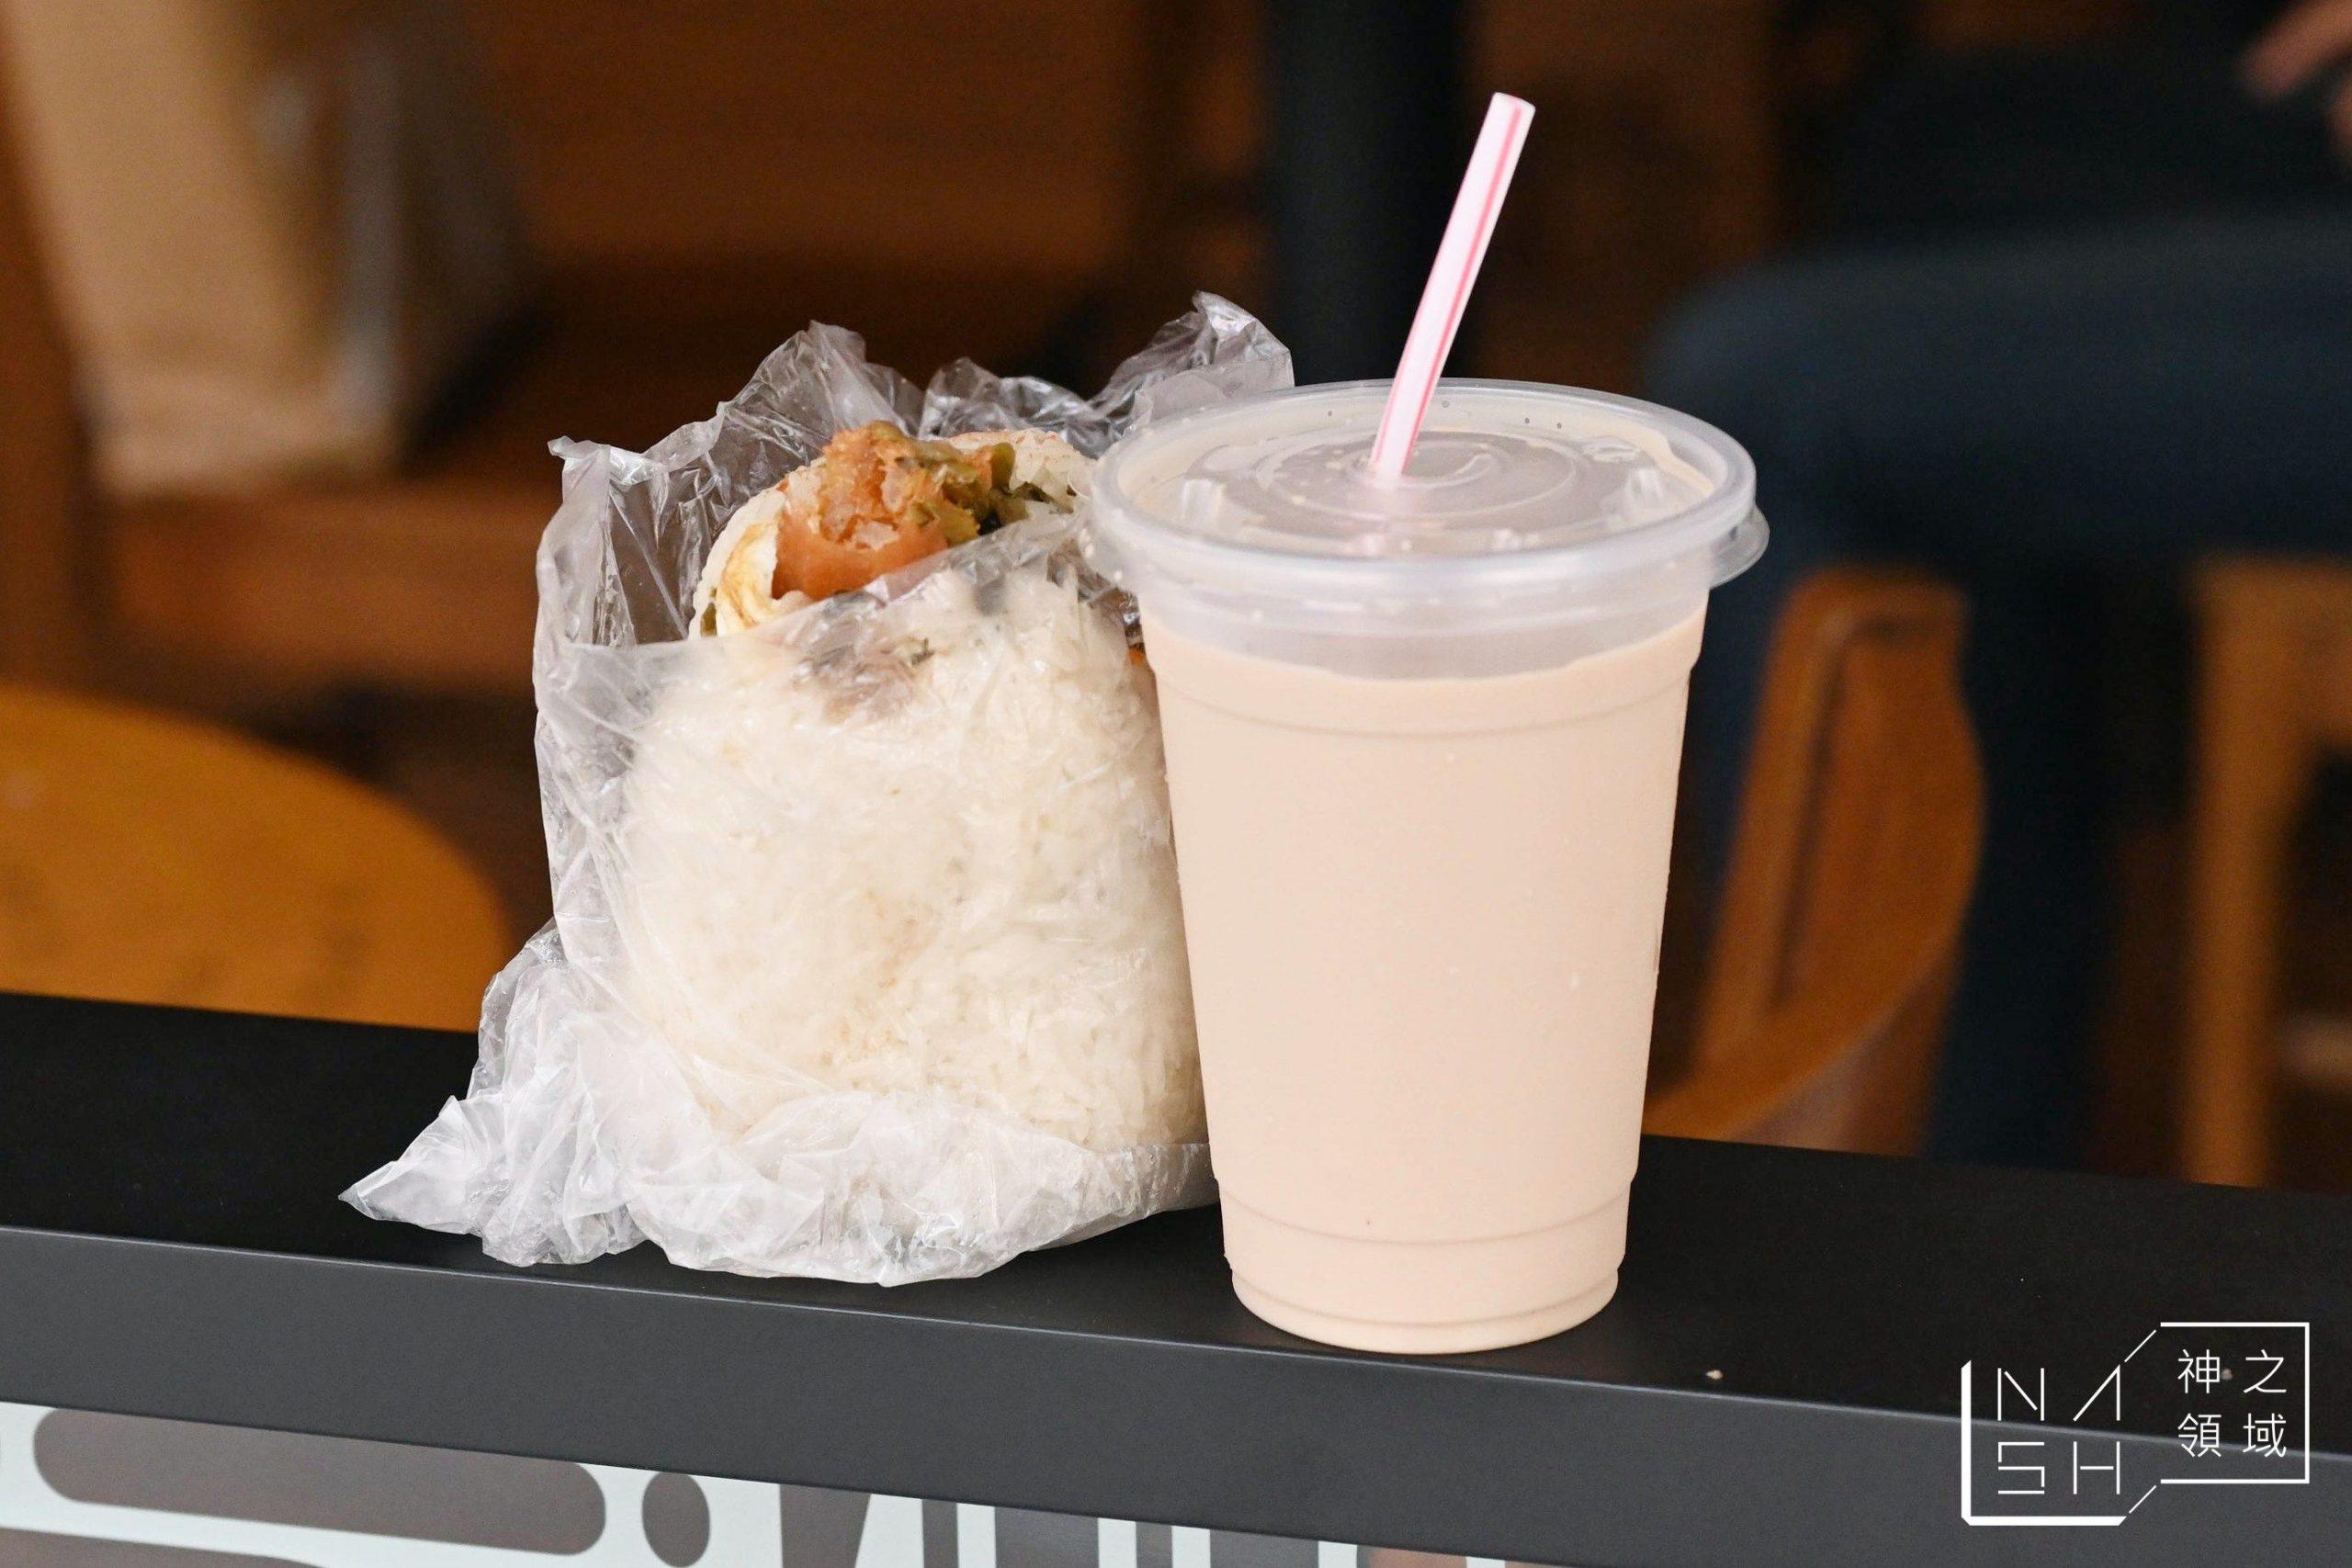 忠孝敦化美食,台北早餐,台北早餐懶人包,上順興香Q飯糰,上順興香Q飯糰菜單